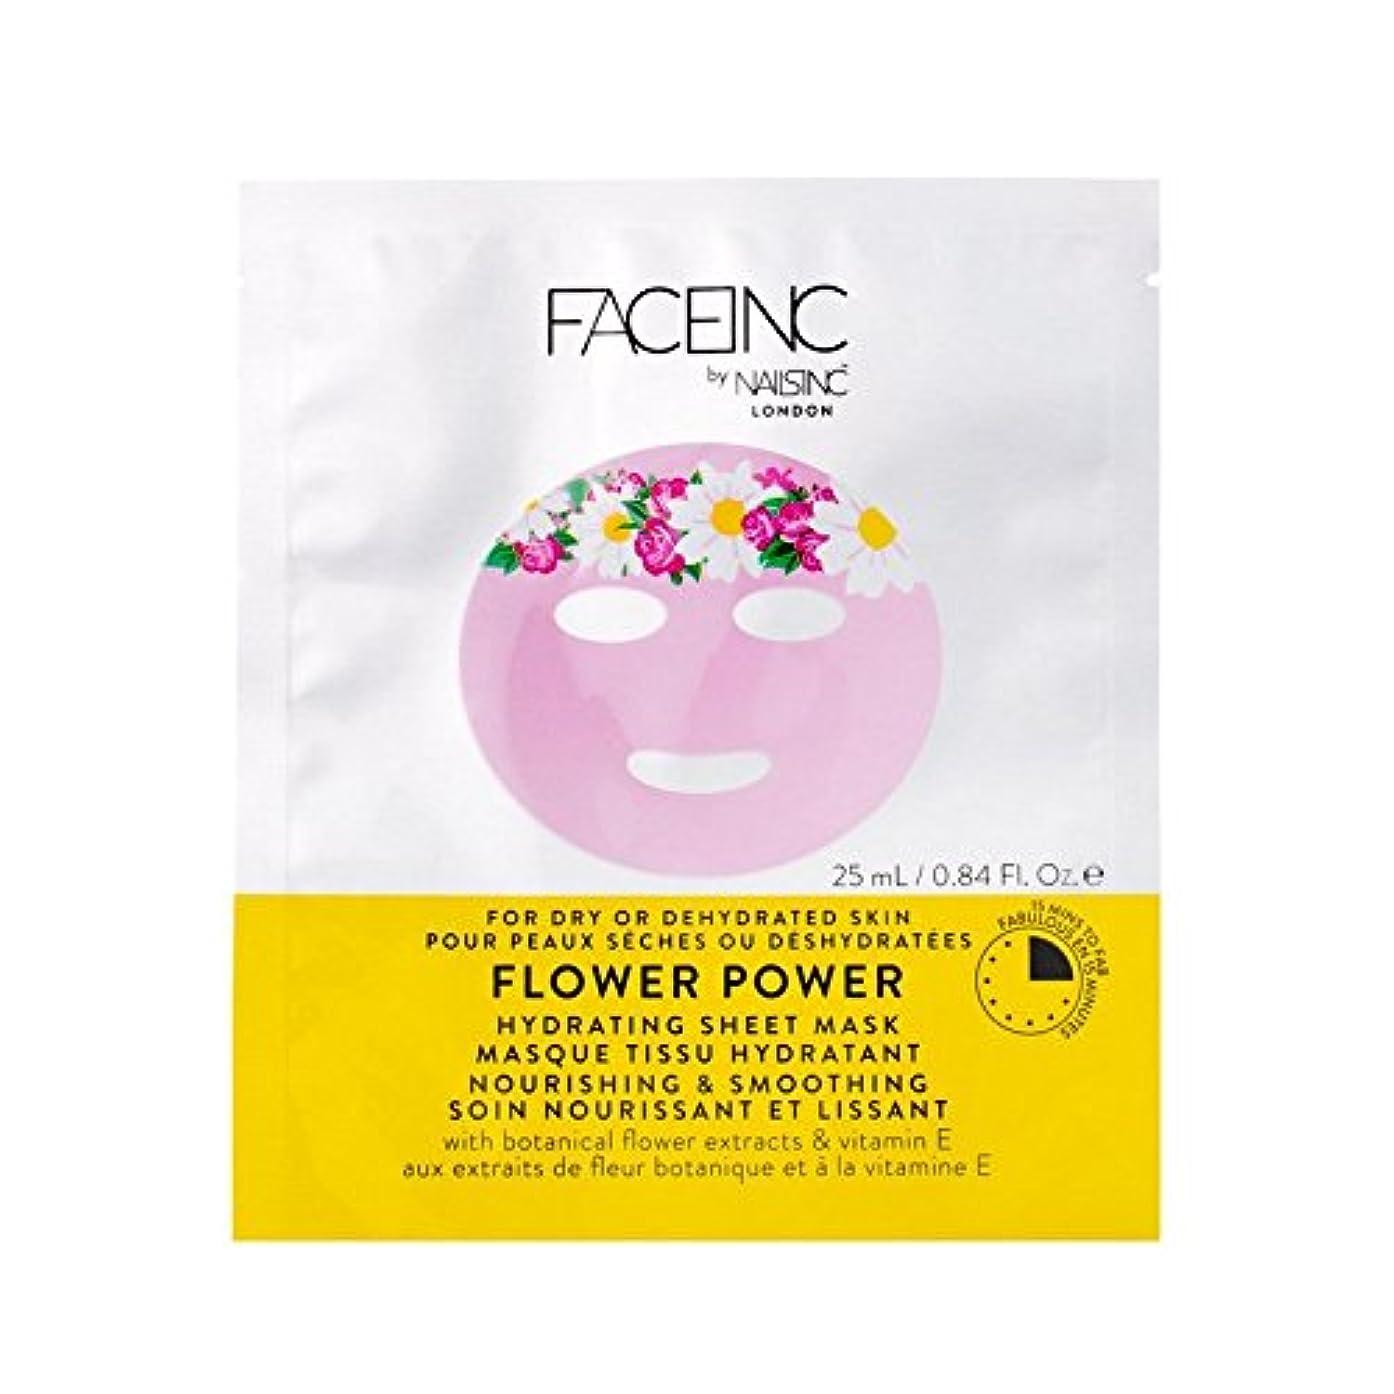 ギャロップ発疹無駄なNails Inc. Face Inc Flower Power Mask - 爪が株式会社顔株式会社花のパワーマスク [並行輸入品]